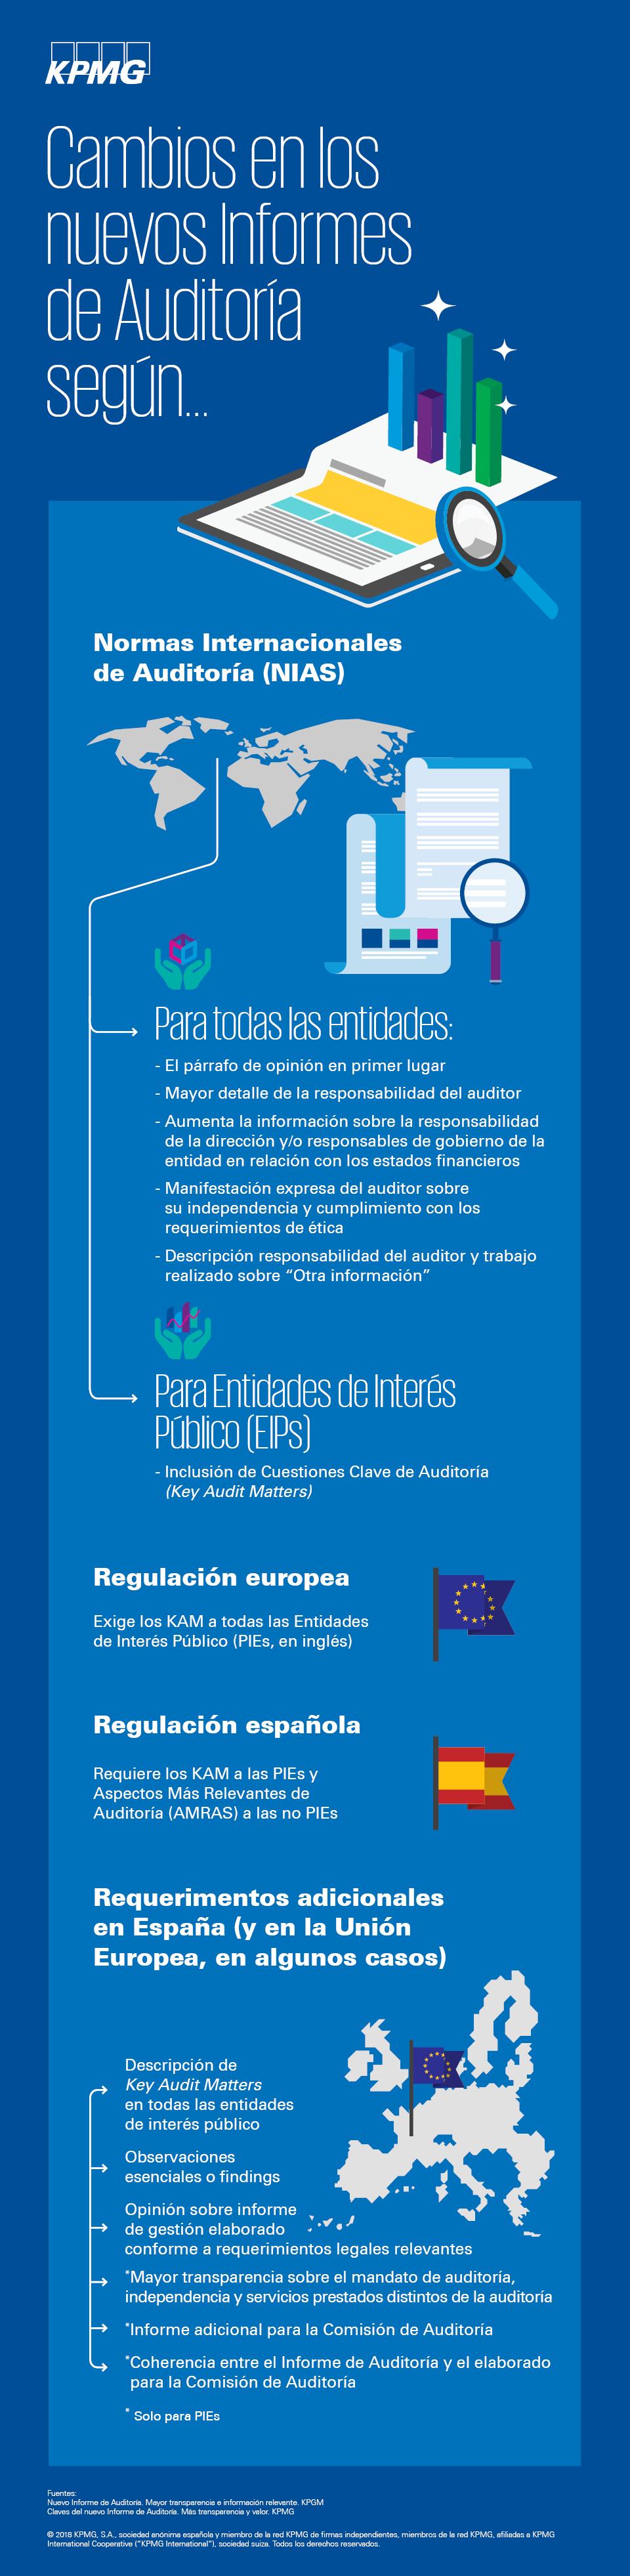 Infografia_Nuevo_Informe_de_Auditoria_2_72ppp